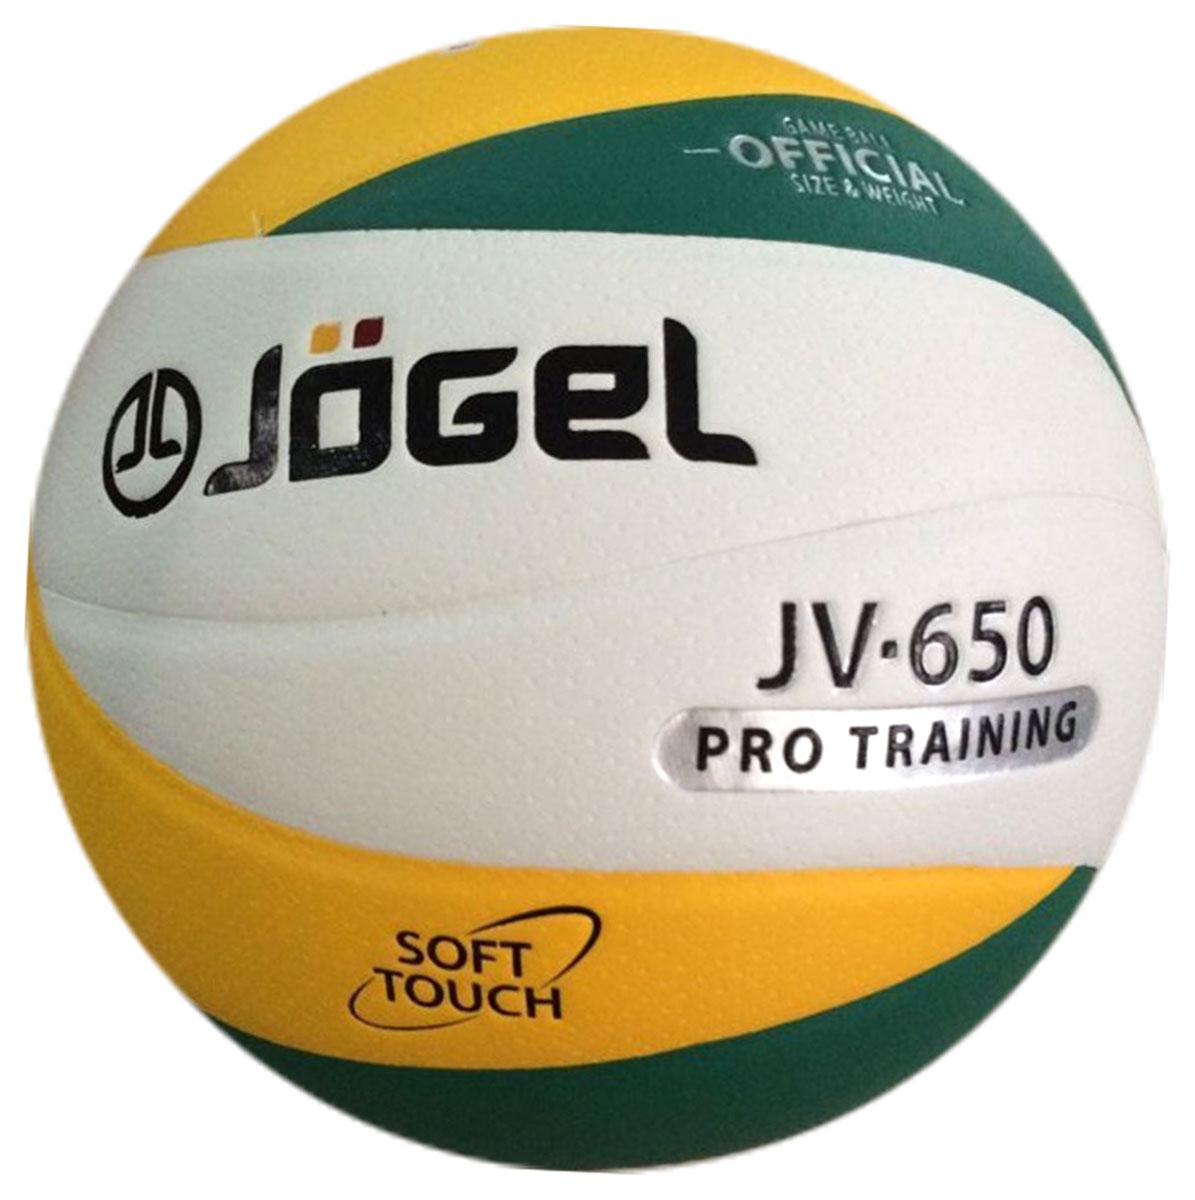 """Мяч волейбольный """"Jogel"""", цвет: зеленый, желтый. Размер 5. JV-650"""